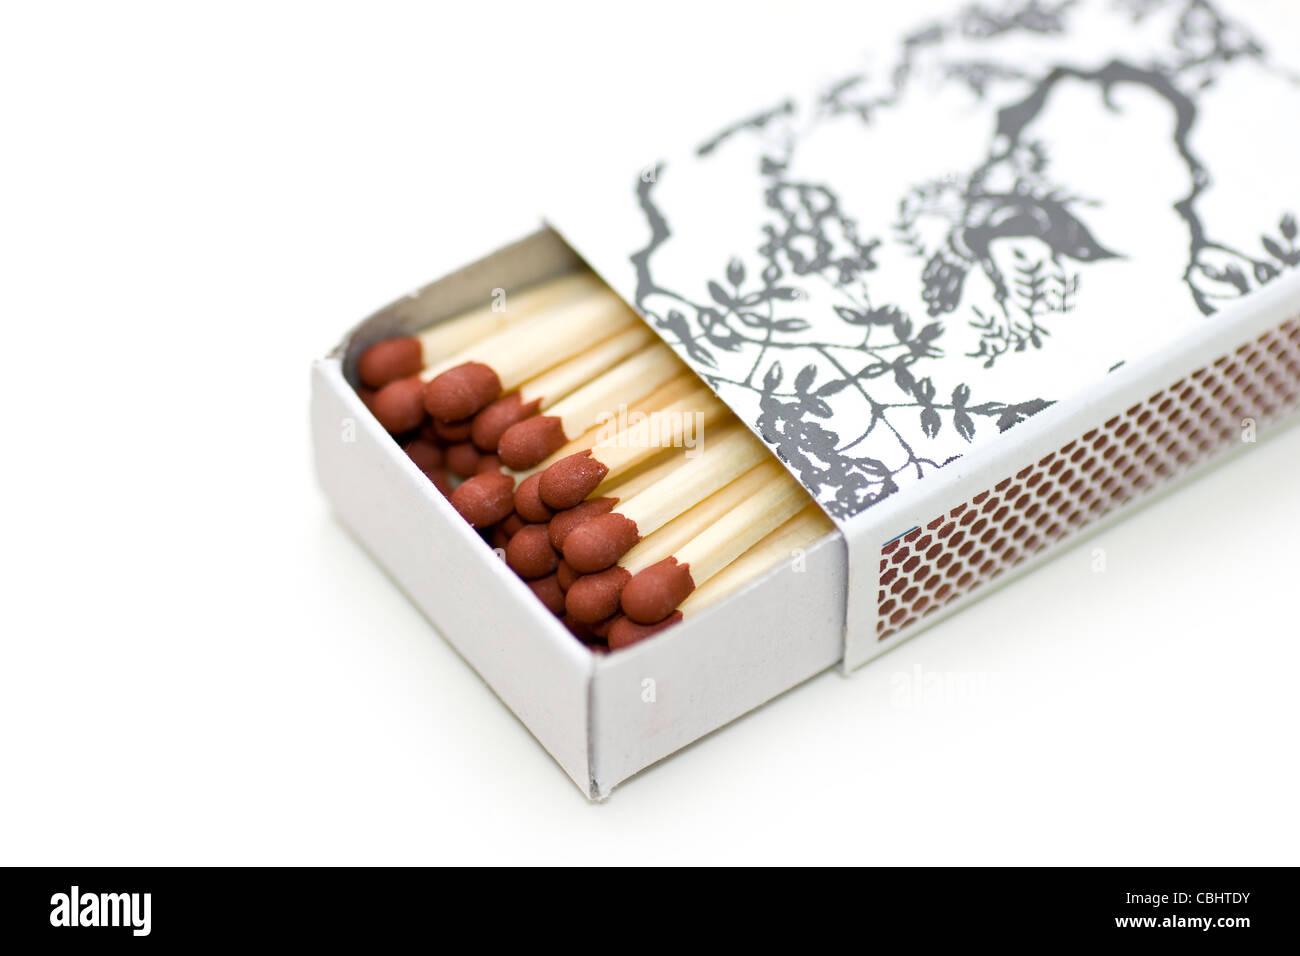 Match box - Stock Image